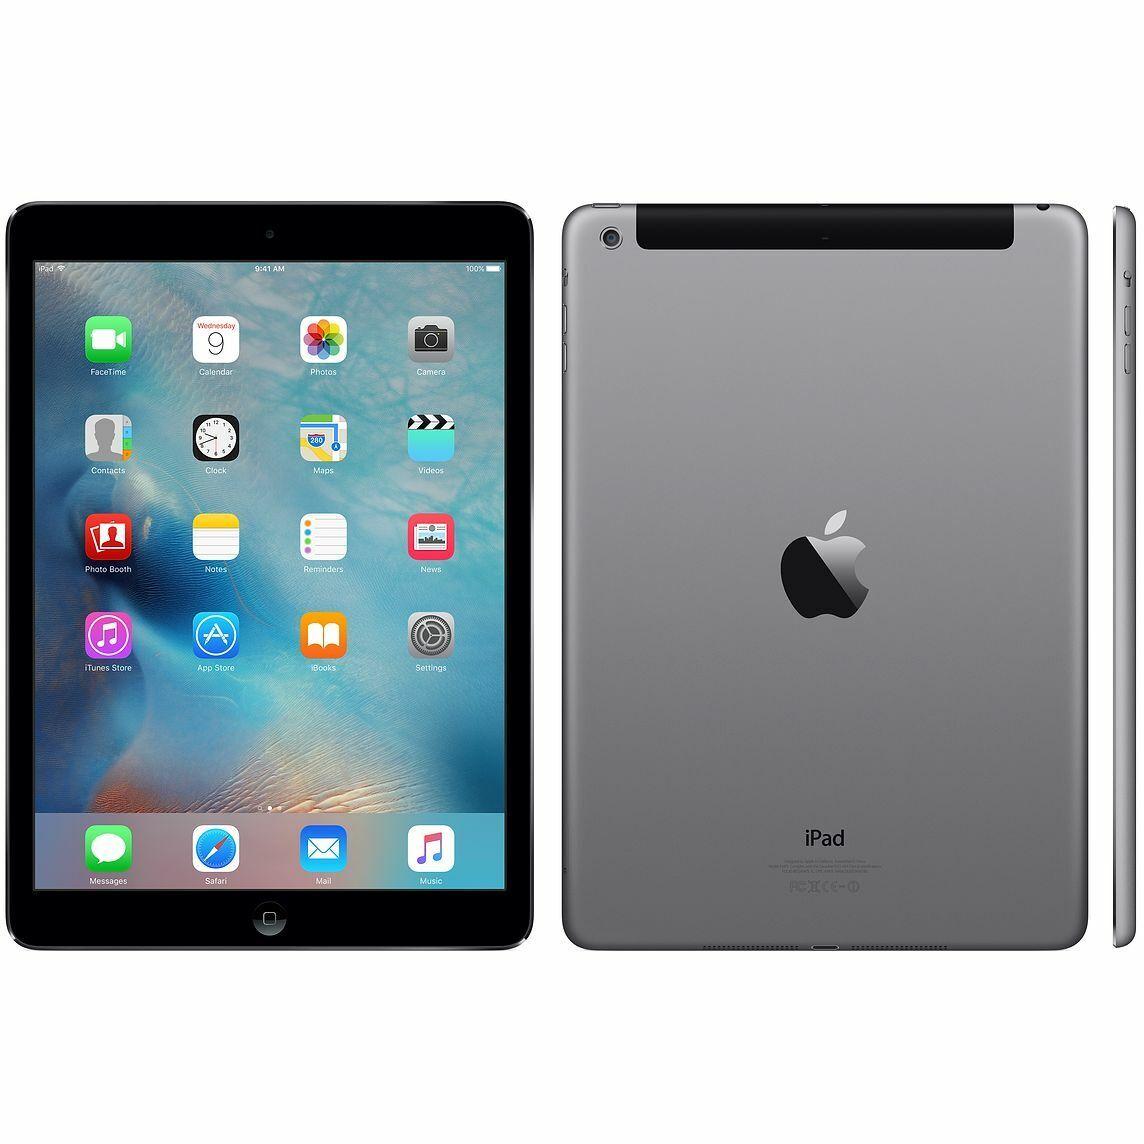 iPad: Tablette iPad Air 2 A1567 Wifi + cellulaire 4G 9,7″ 128 GB iOs 14 désimlocké